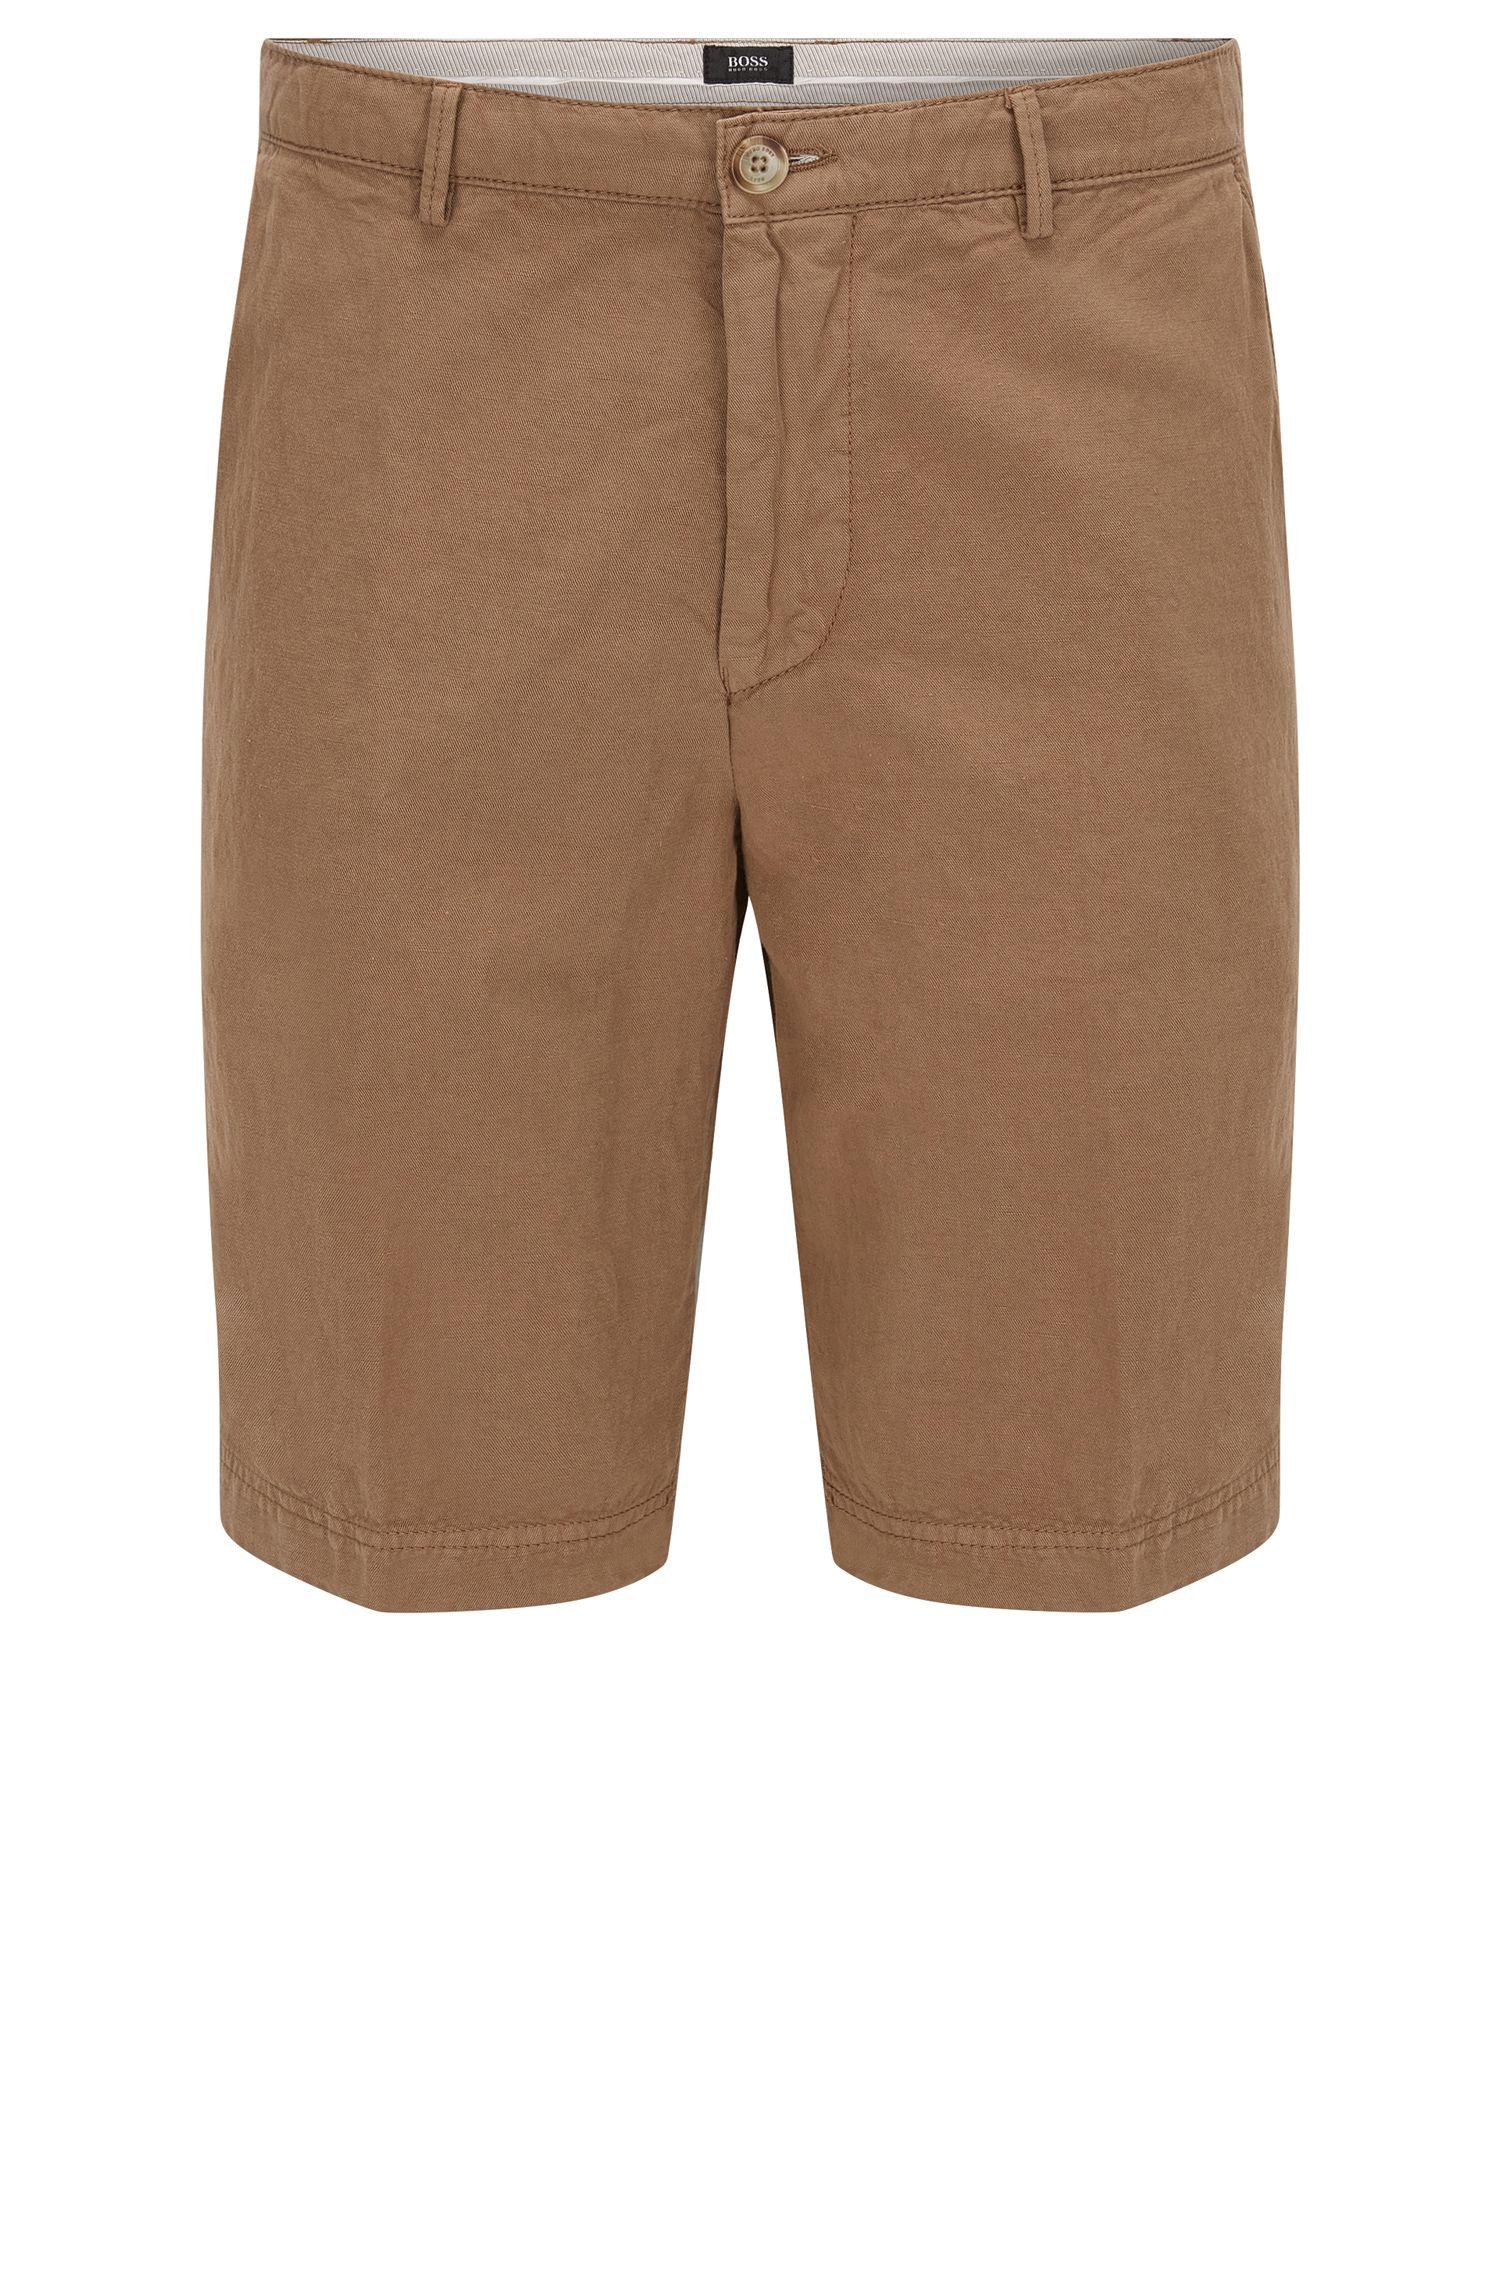 Shorts regular fit en sarga de algodón y lino